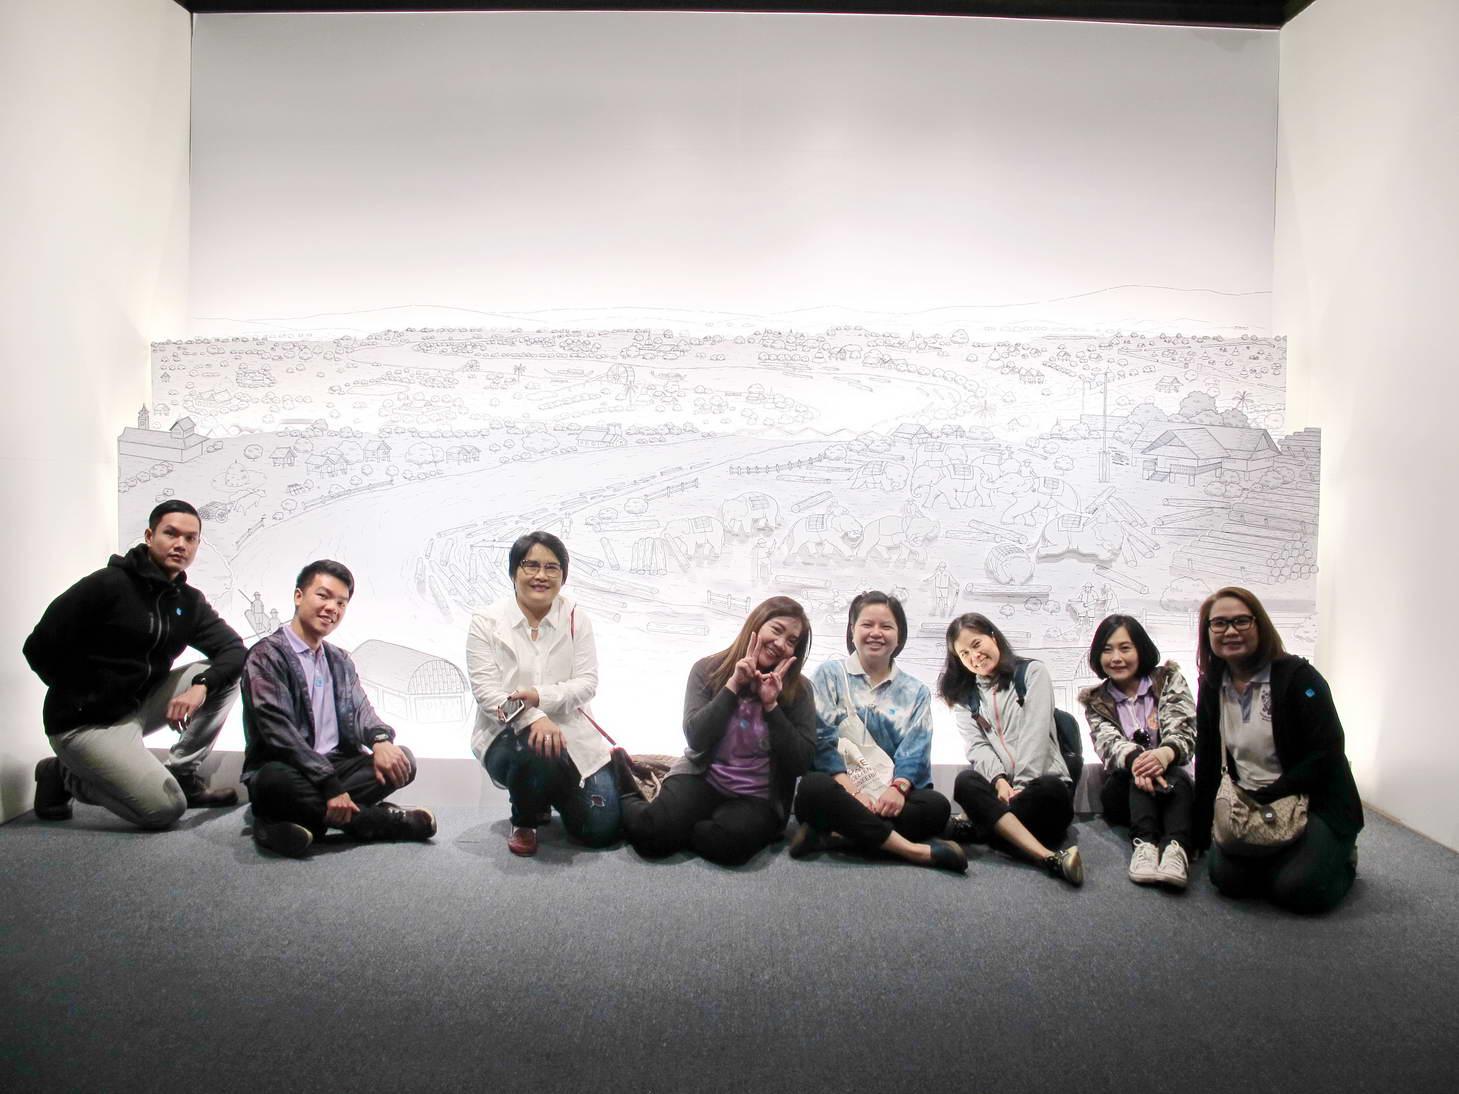 กิจกรรม Happy Soul ภายใต้โครงการ HAPPY CPAC  องค์กรแห่งความสุข ประจำปีงบประมาณ พ.ศ.2561